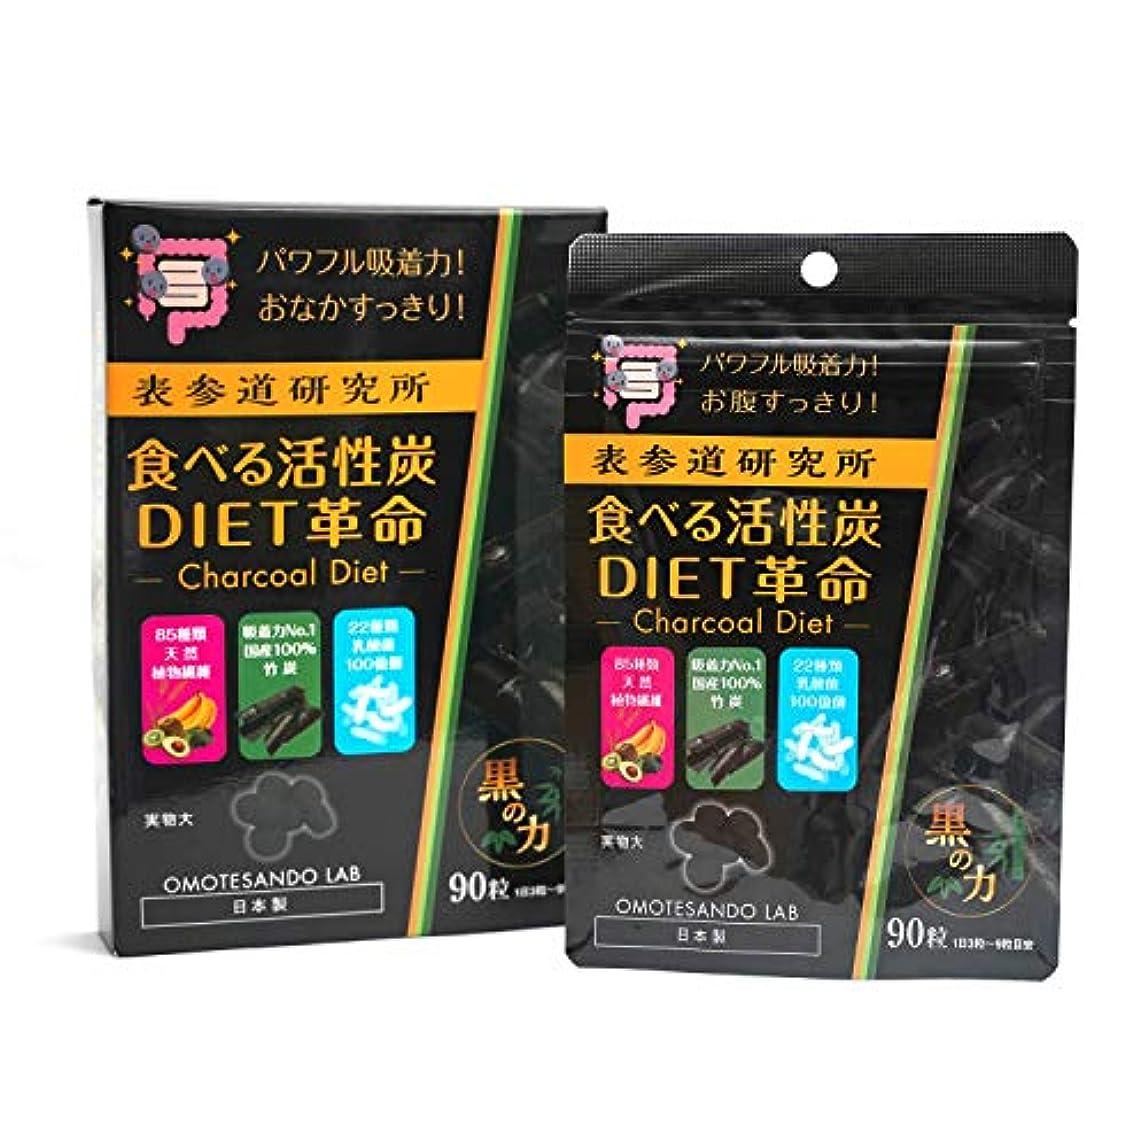 スカイメドレー雑種食べる活性炭DIET革命90粒 スペシャル5個セット